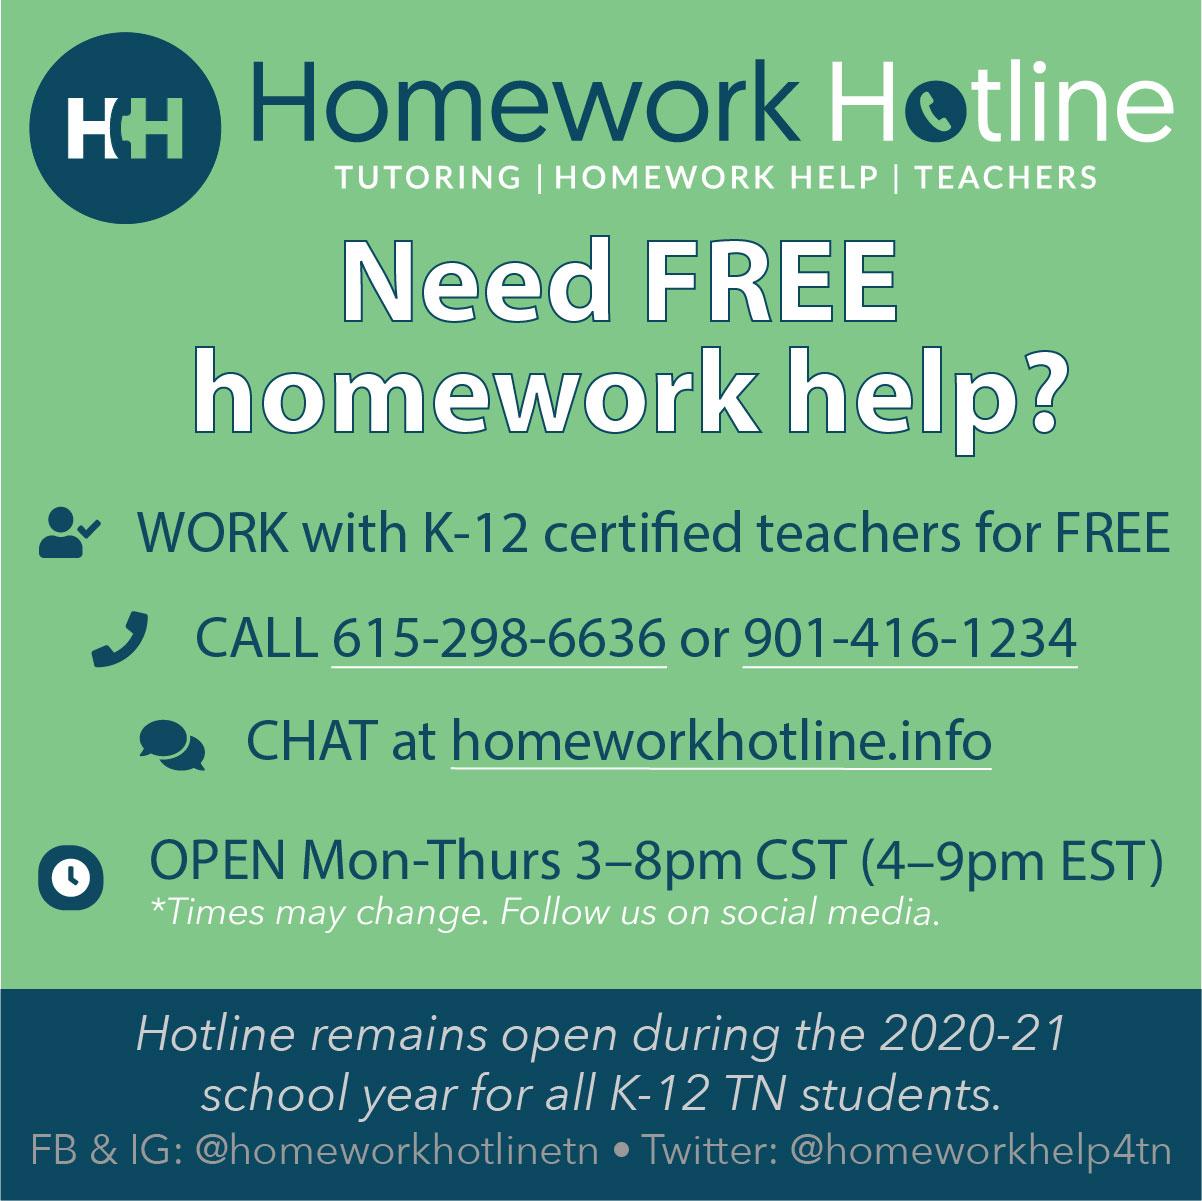 Homework Hotline Information